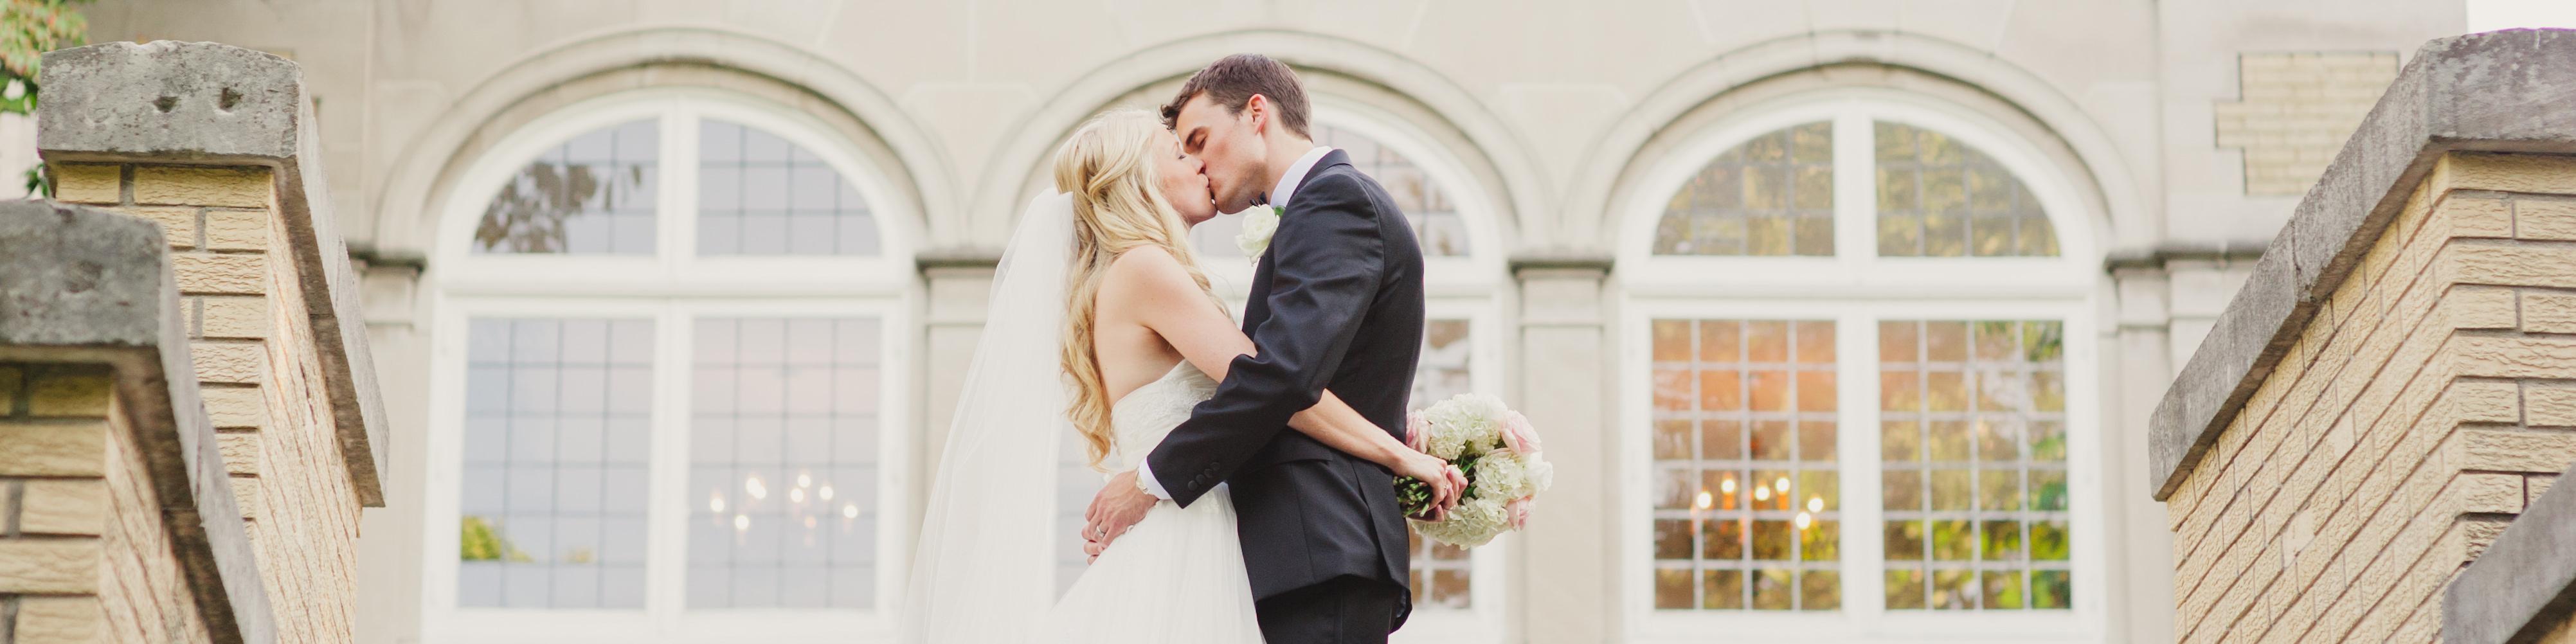 details-Erin&Brett-Jessica-Dum-Wedding-Coordination